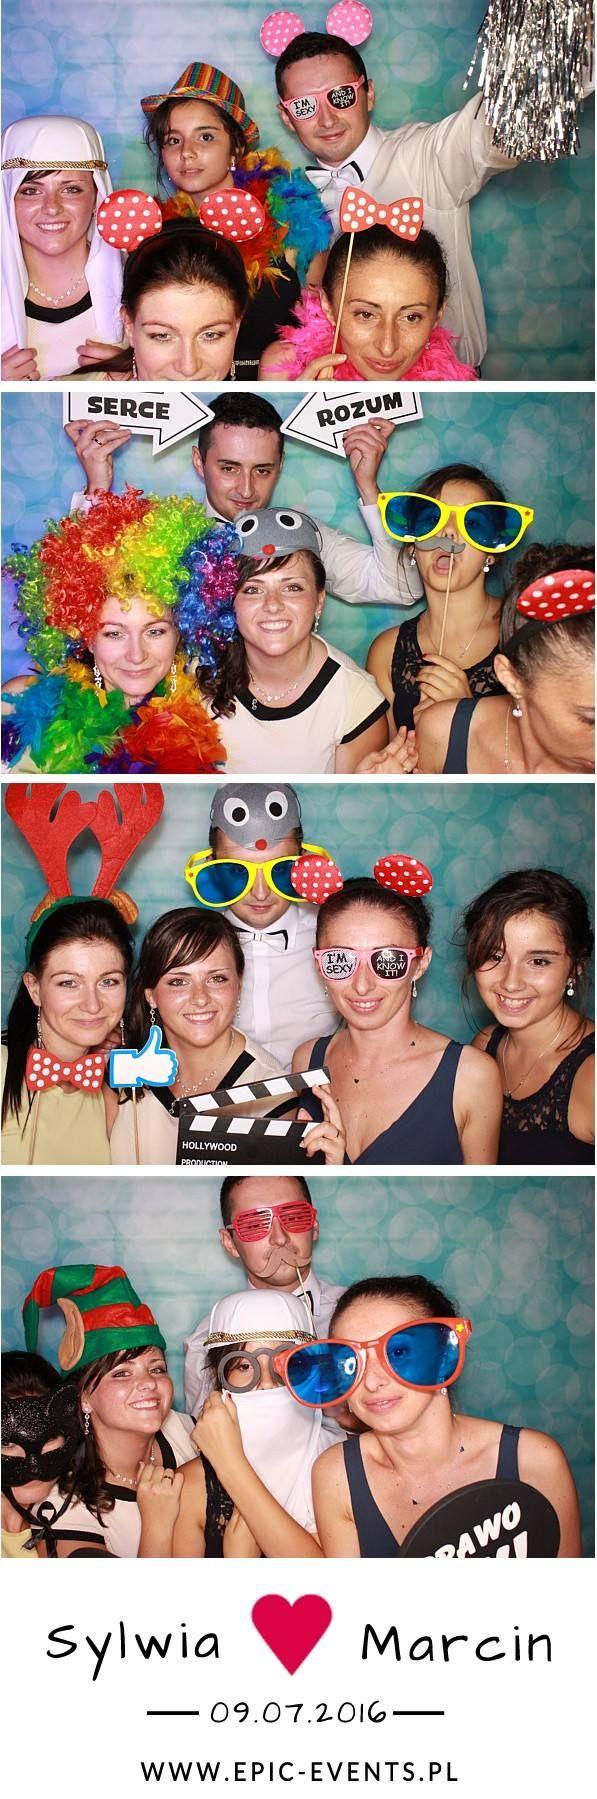 Spójrzcie jak bawili się z nami goście weselni Sylwii i Marcina :)   www.epic-events.pl  #fotobudka #photobooth #smile #fun #zdjęcie #wesele #atrakcjanawesele